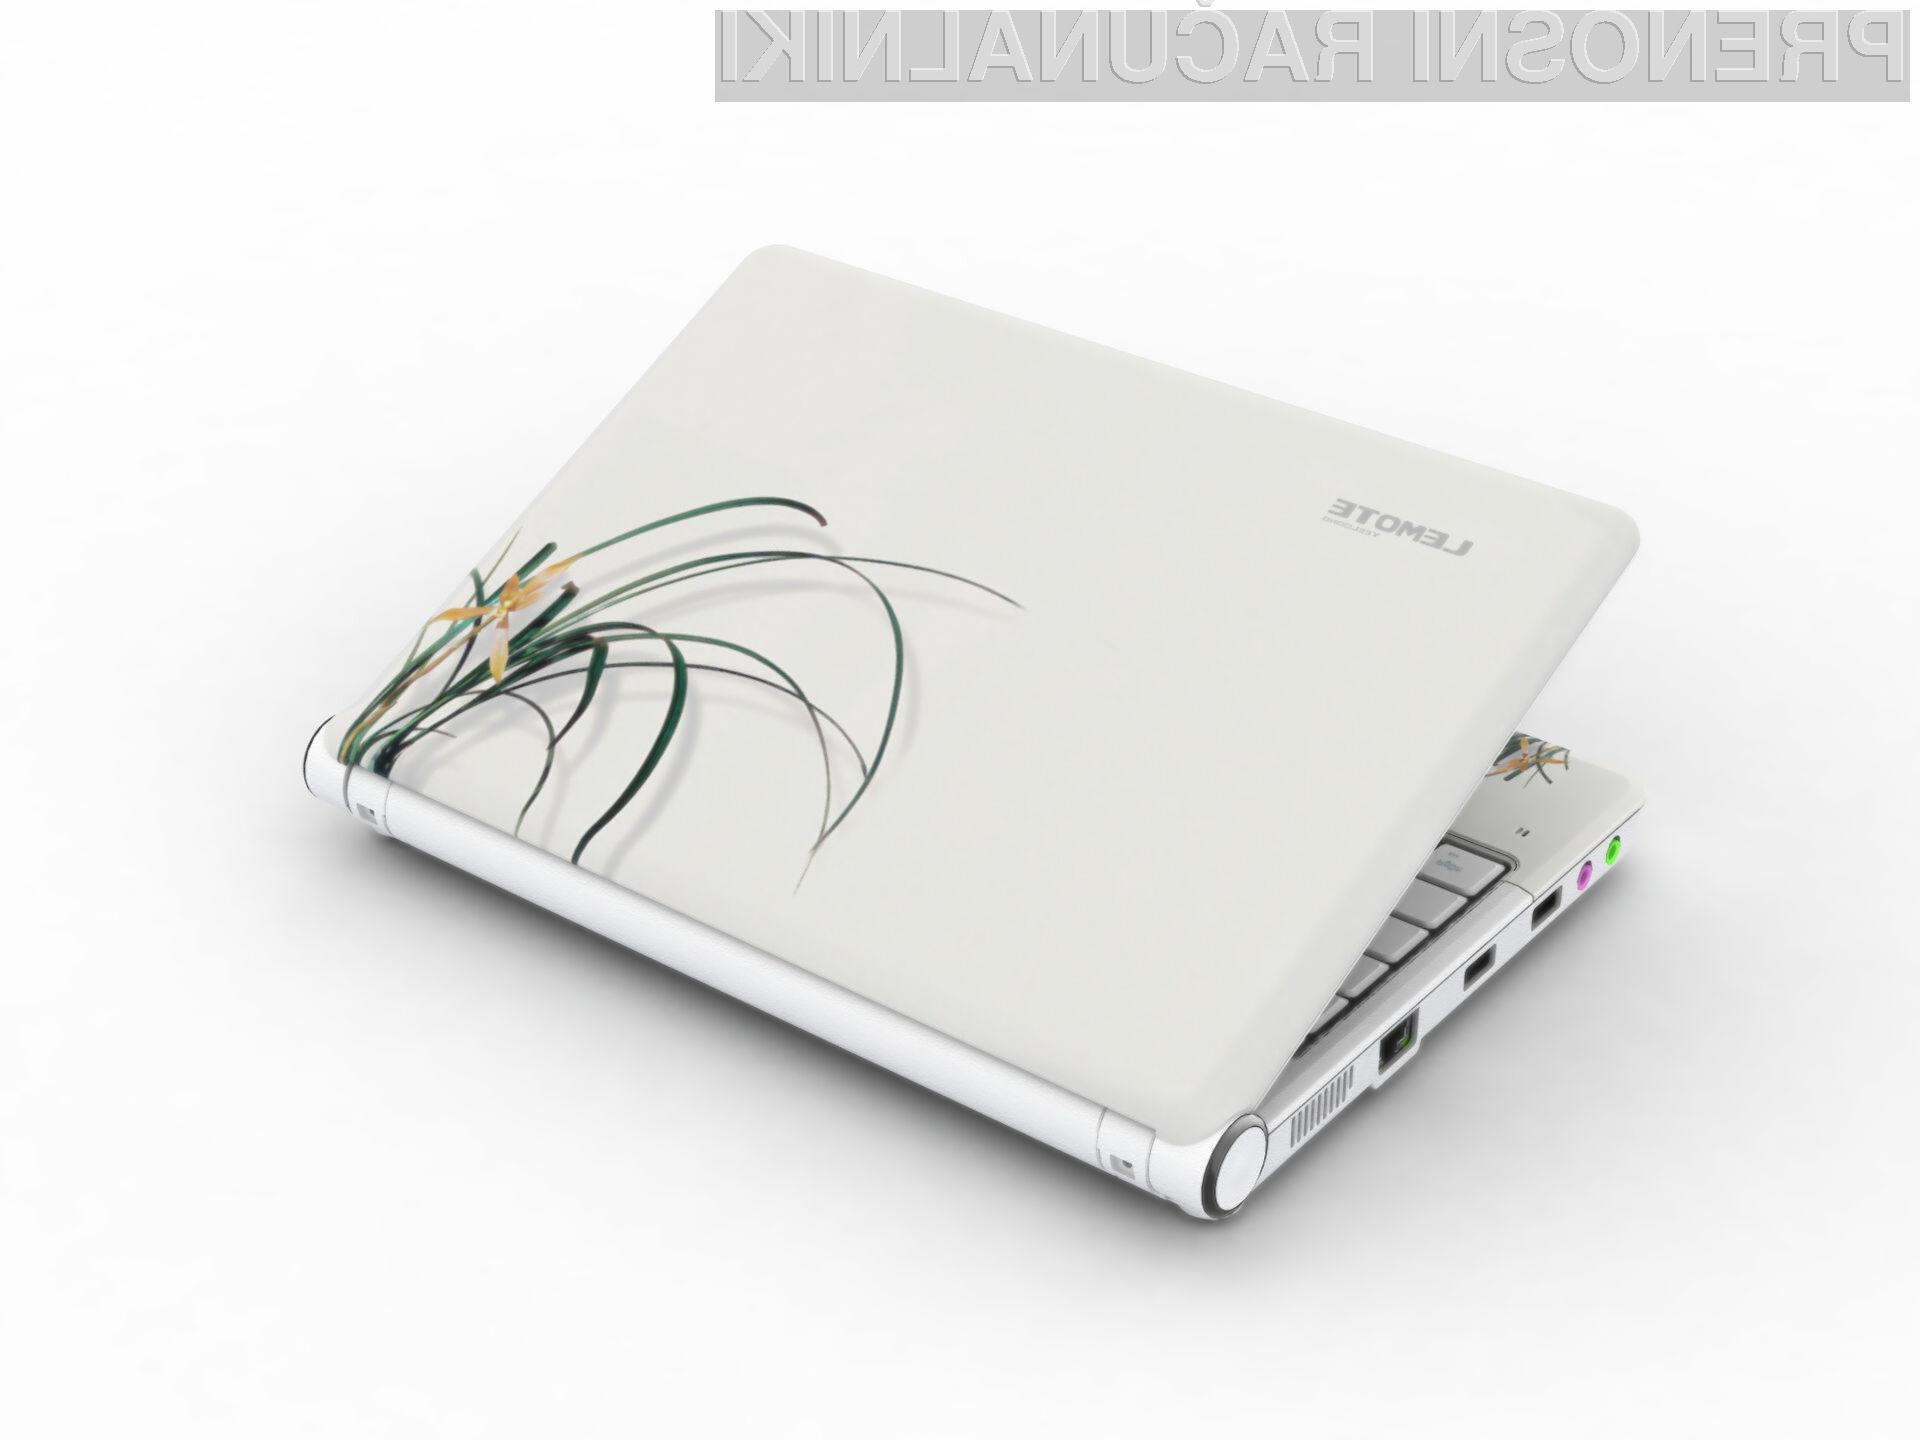 Procesorji Loongson temeljijo na arhitekturi MIPS, model z oznako 2F pa deluje pri hitrosti med 800 in 900 MHz.